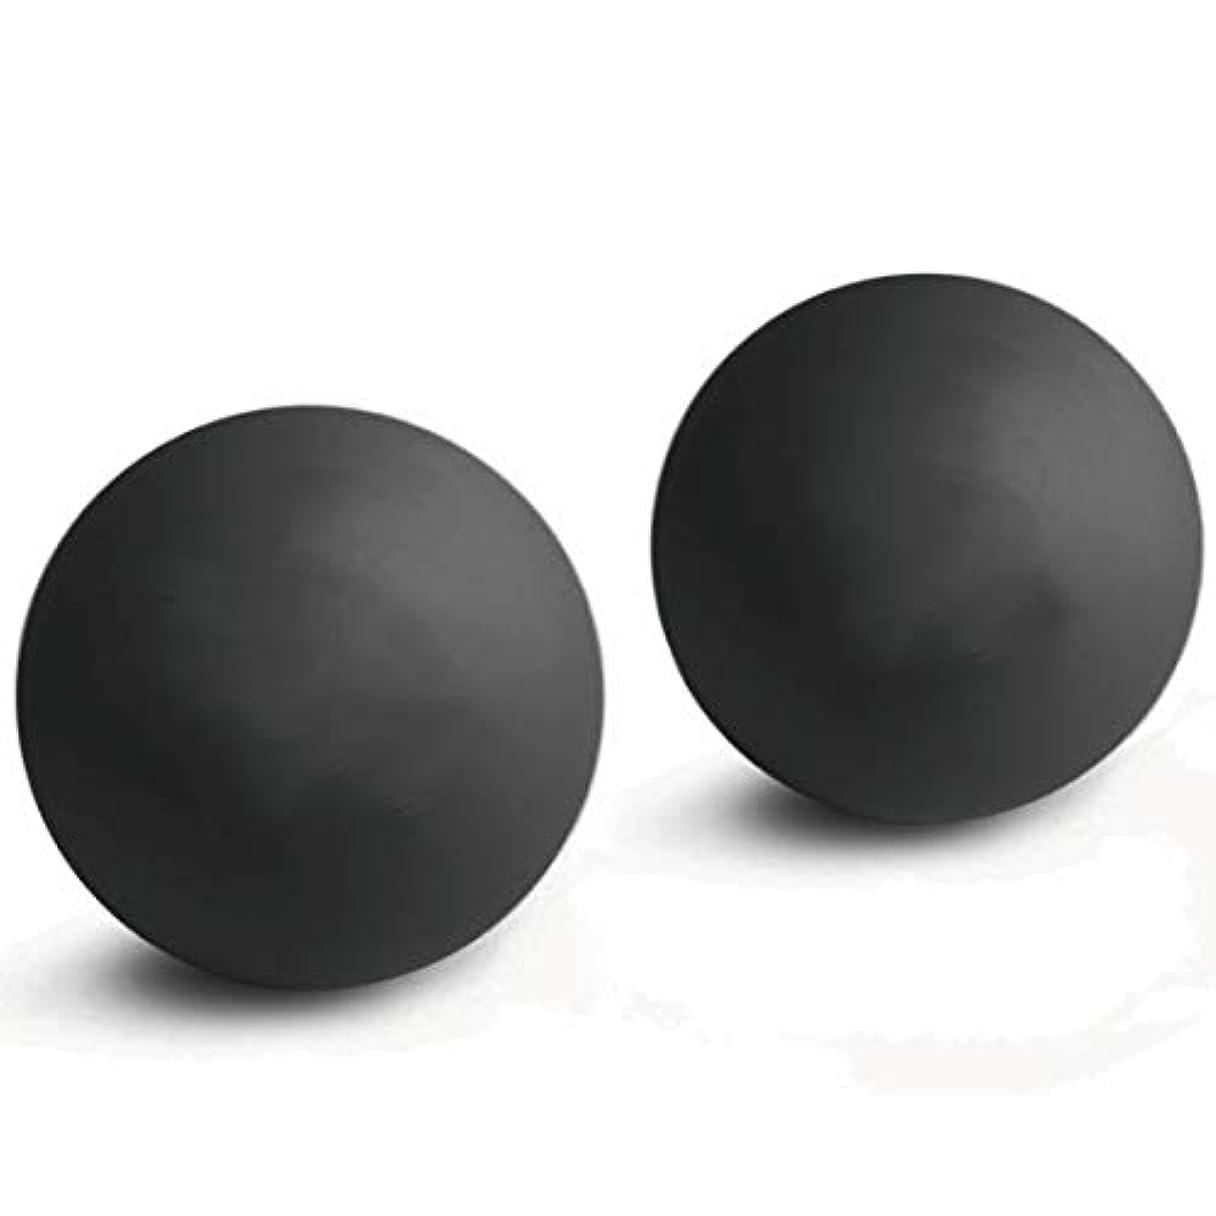 暗黙建物着陸2個入マッサージボール 触覚ボール ストレッチボールトリガーポイント 肩 背中 腰 足裏 全身 ツボ押しグッズ